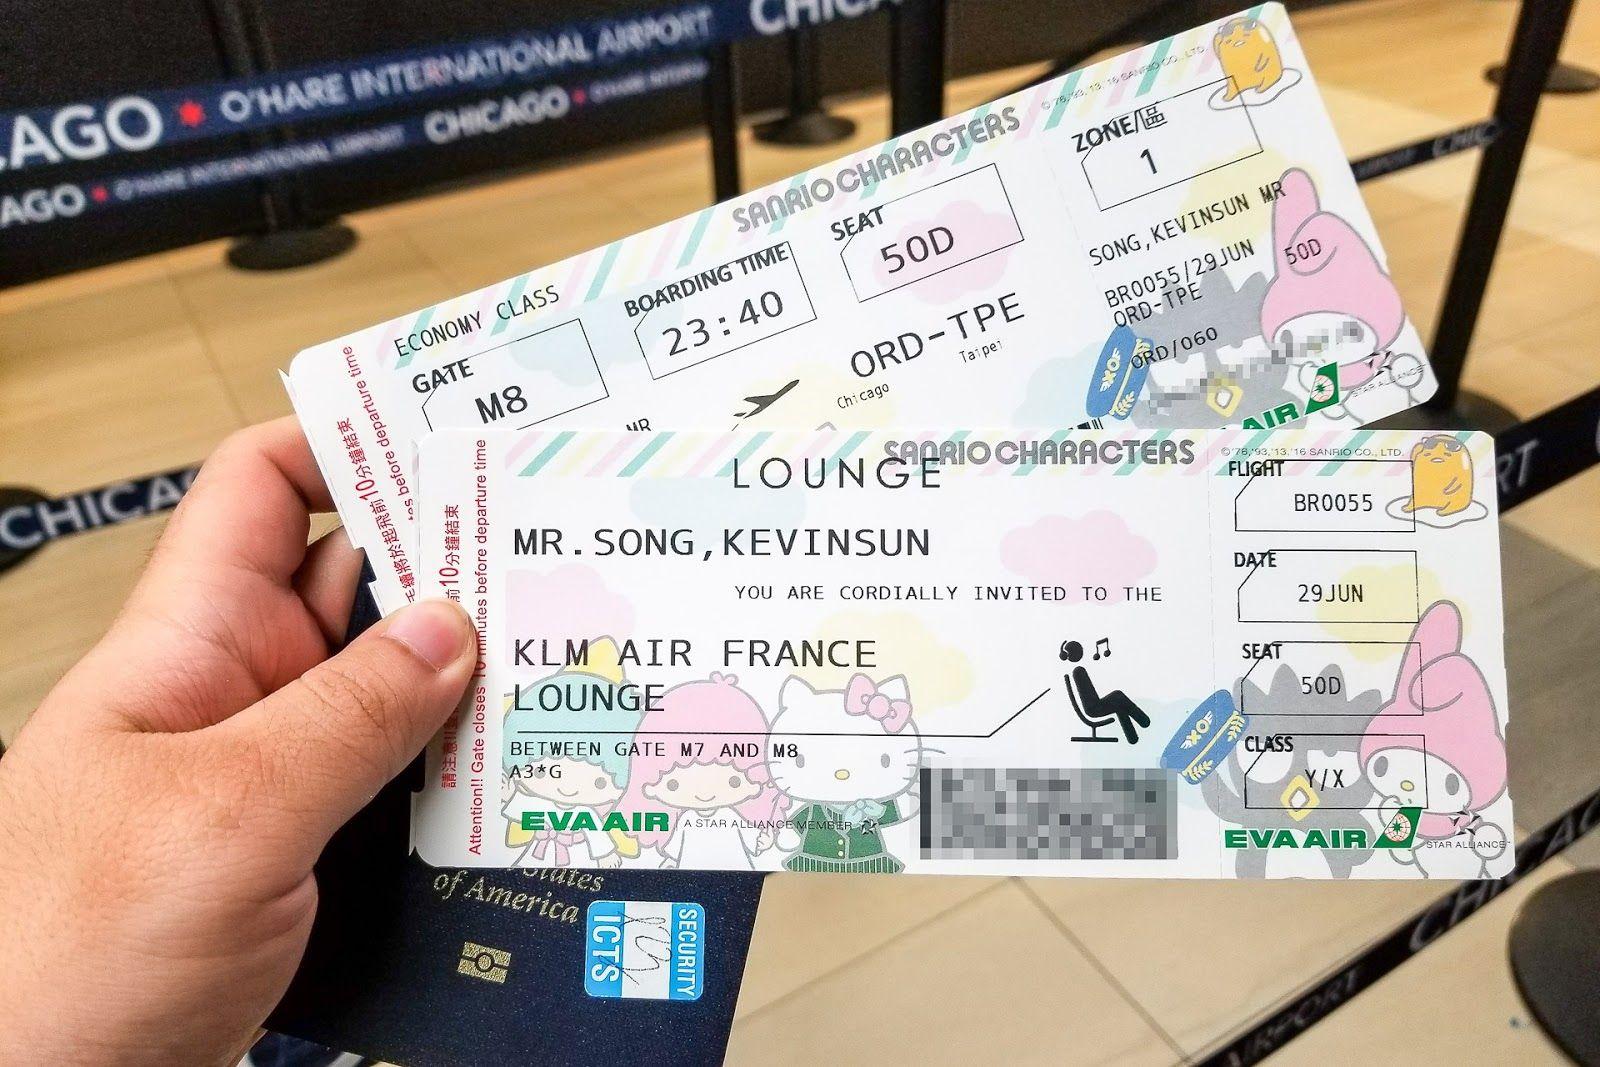 Eva Air Hang Eva Ai Loan Cn 173 Nguy N Th Minh Khai